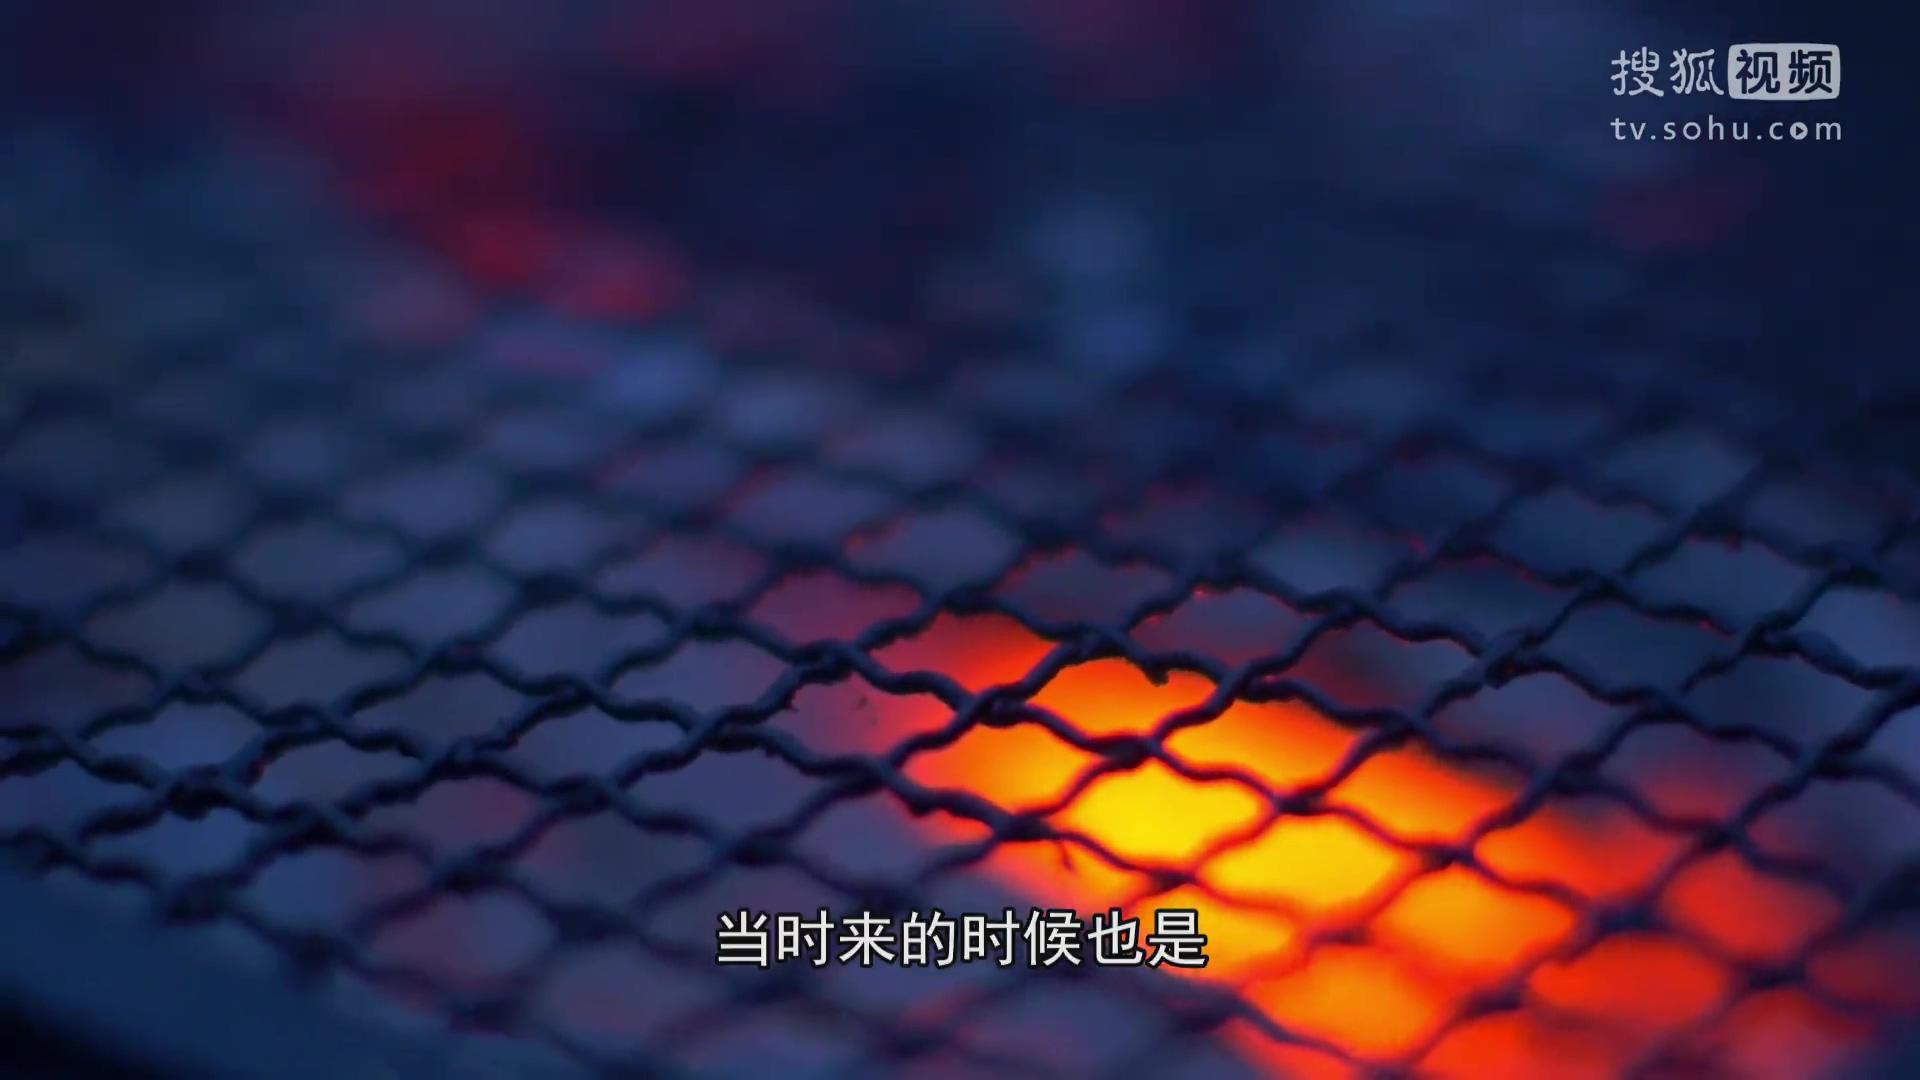 二更视频丨这里有全中国最美的星空